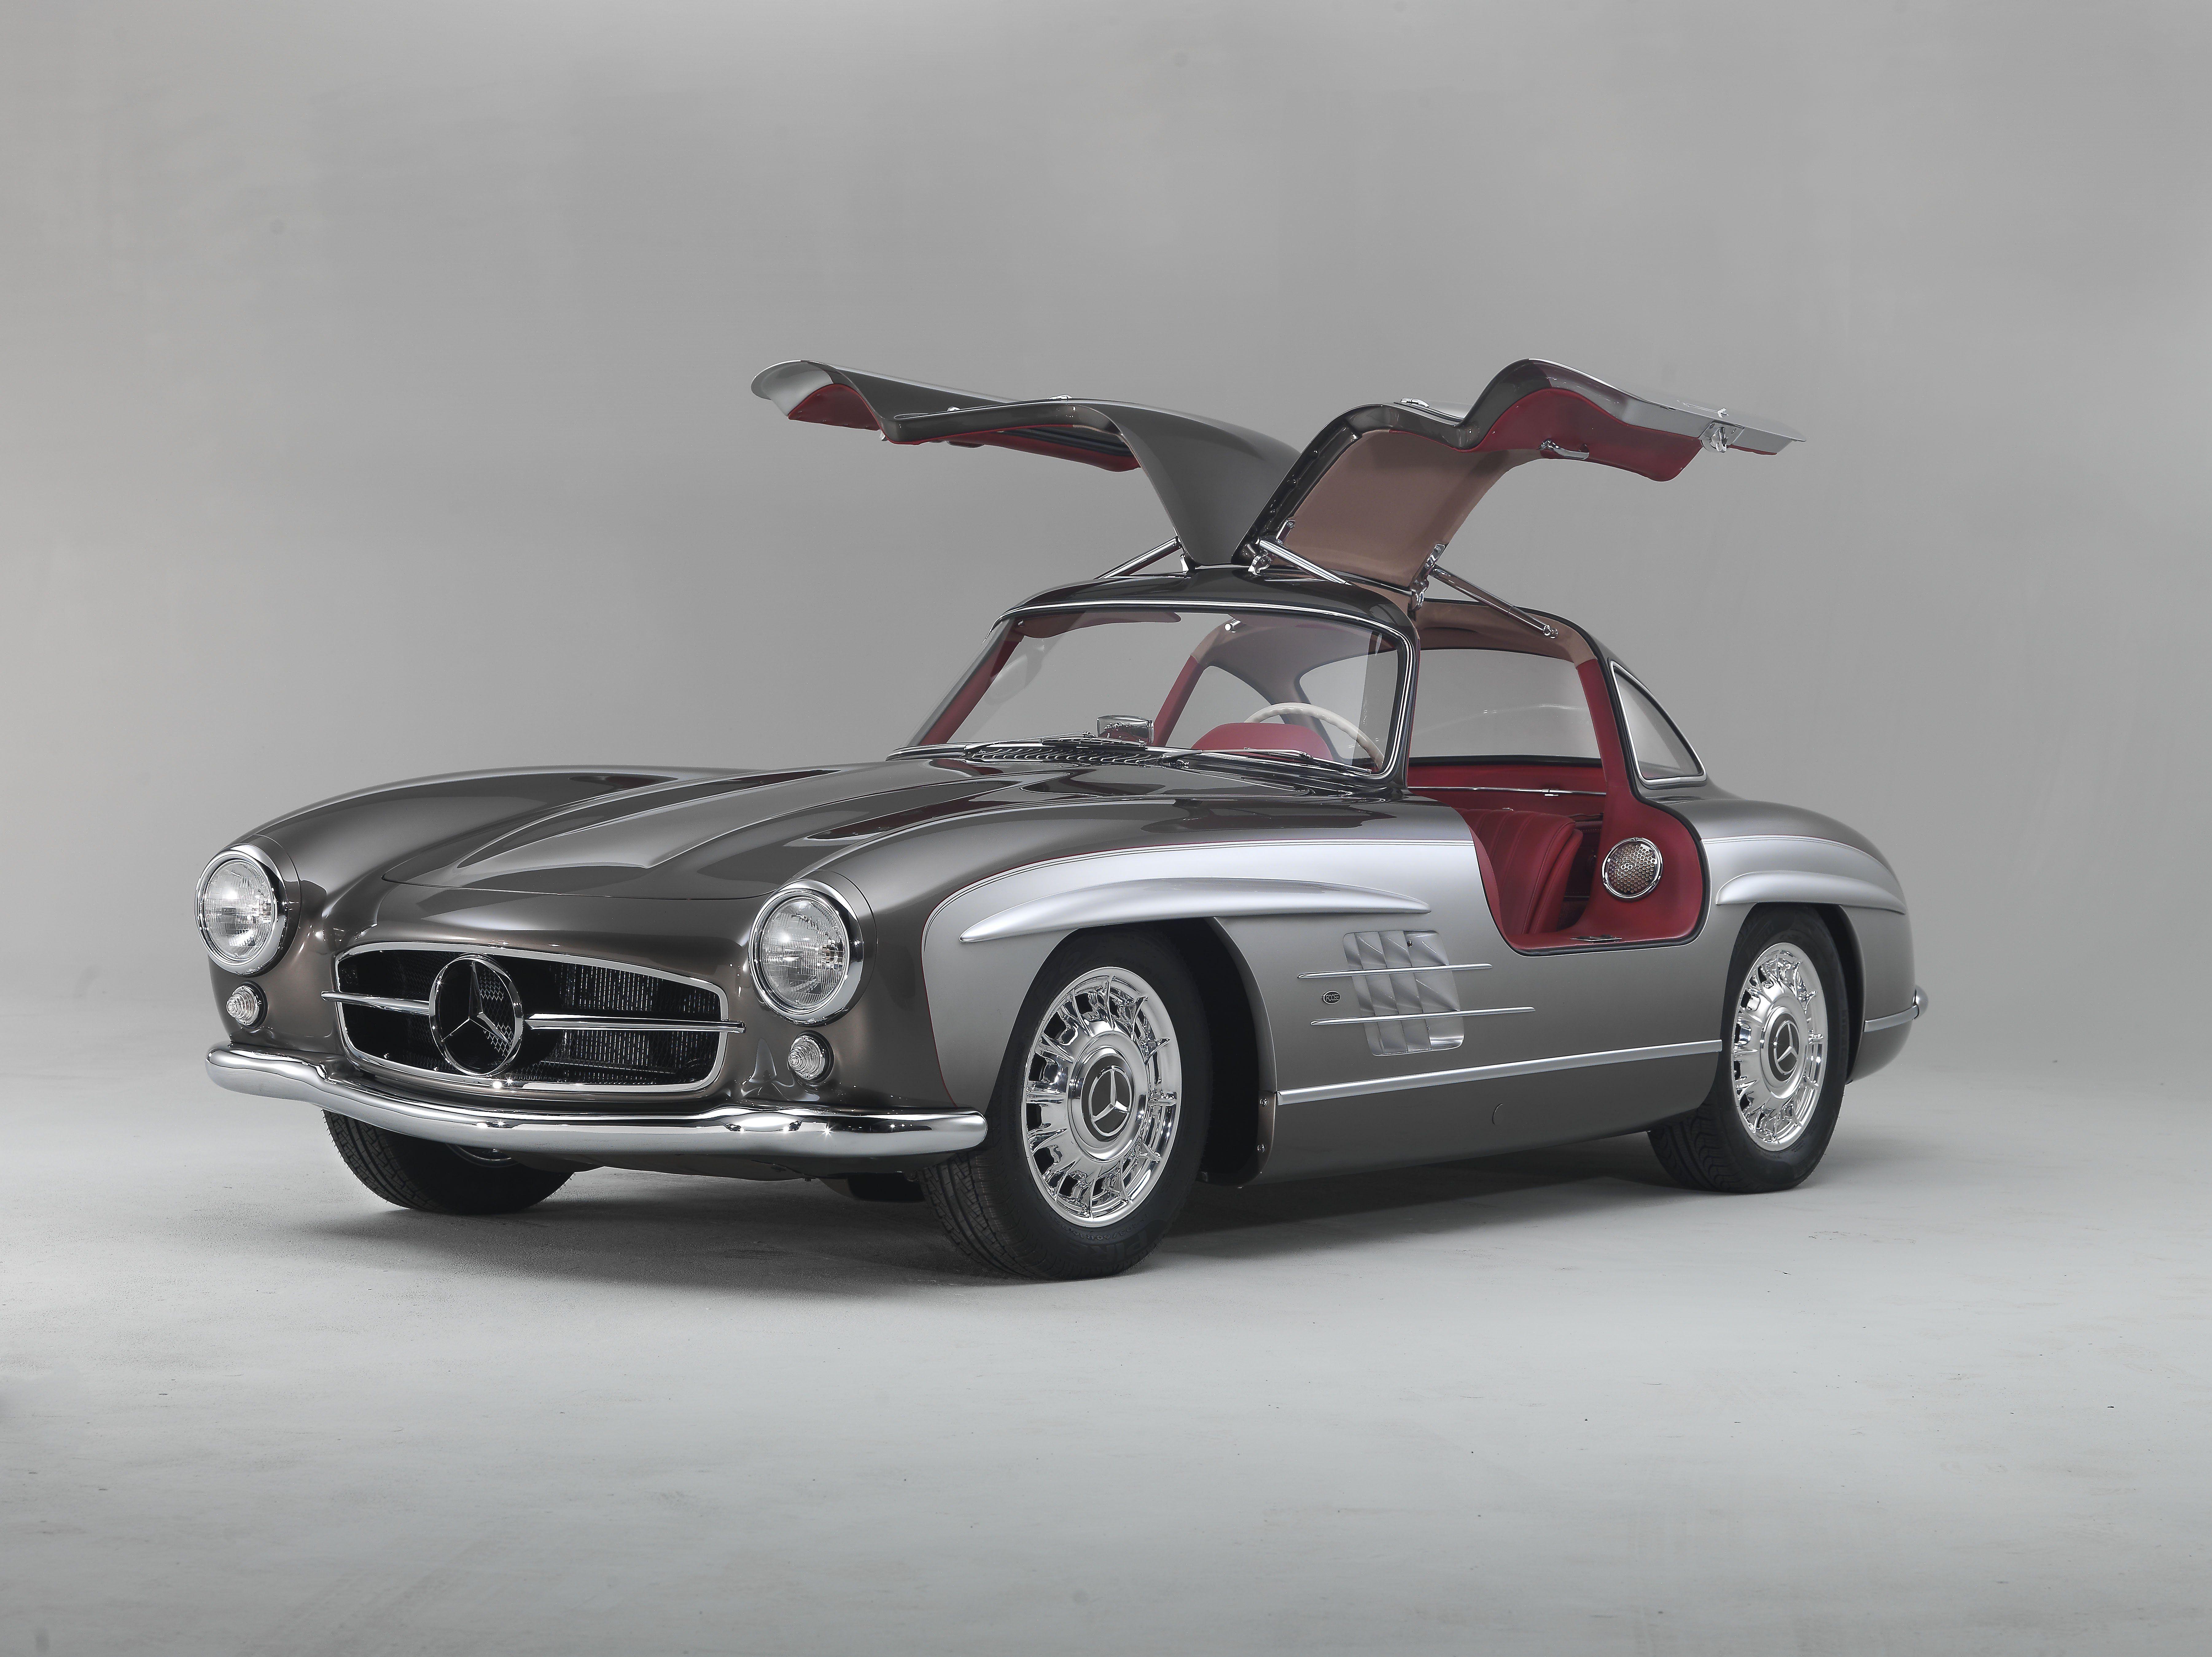 1957 mercedes 300sl gullwing car by the car mercedes benz benz rh pinterest com